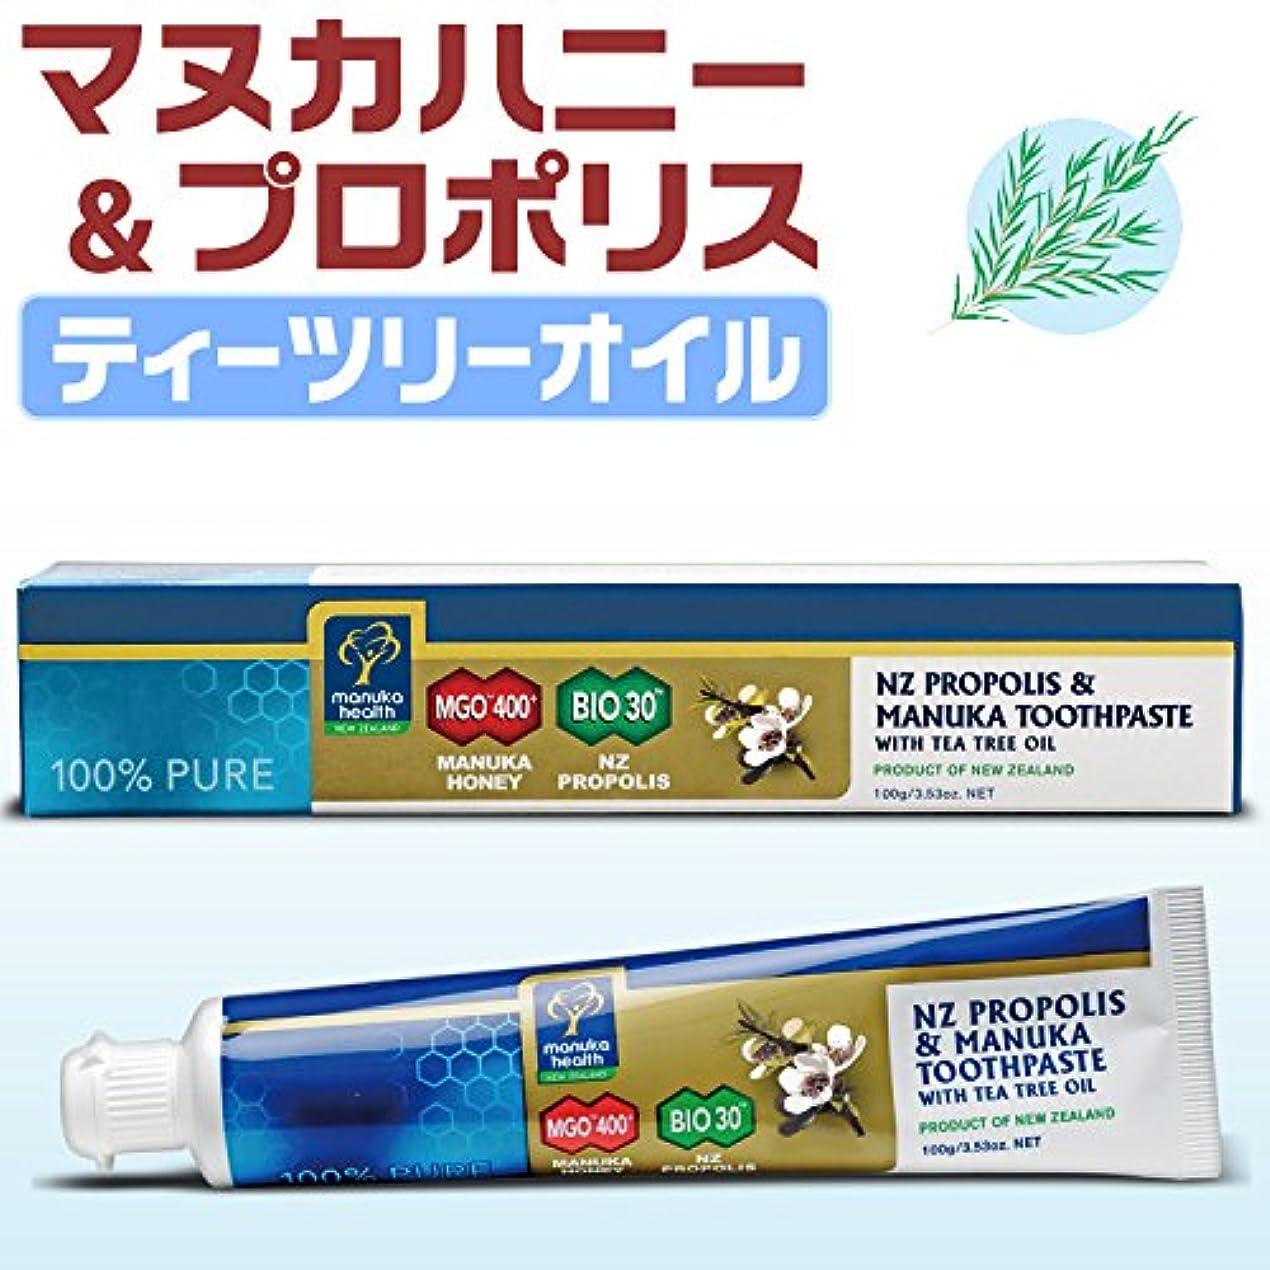 コロニアル令状神経障害プロポリス&マヌカハニー MGO400+ ティーツリーオイル 歯磨き粉 [100g]青